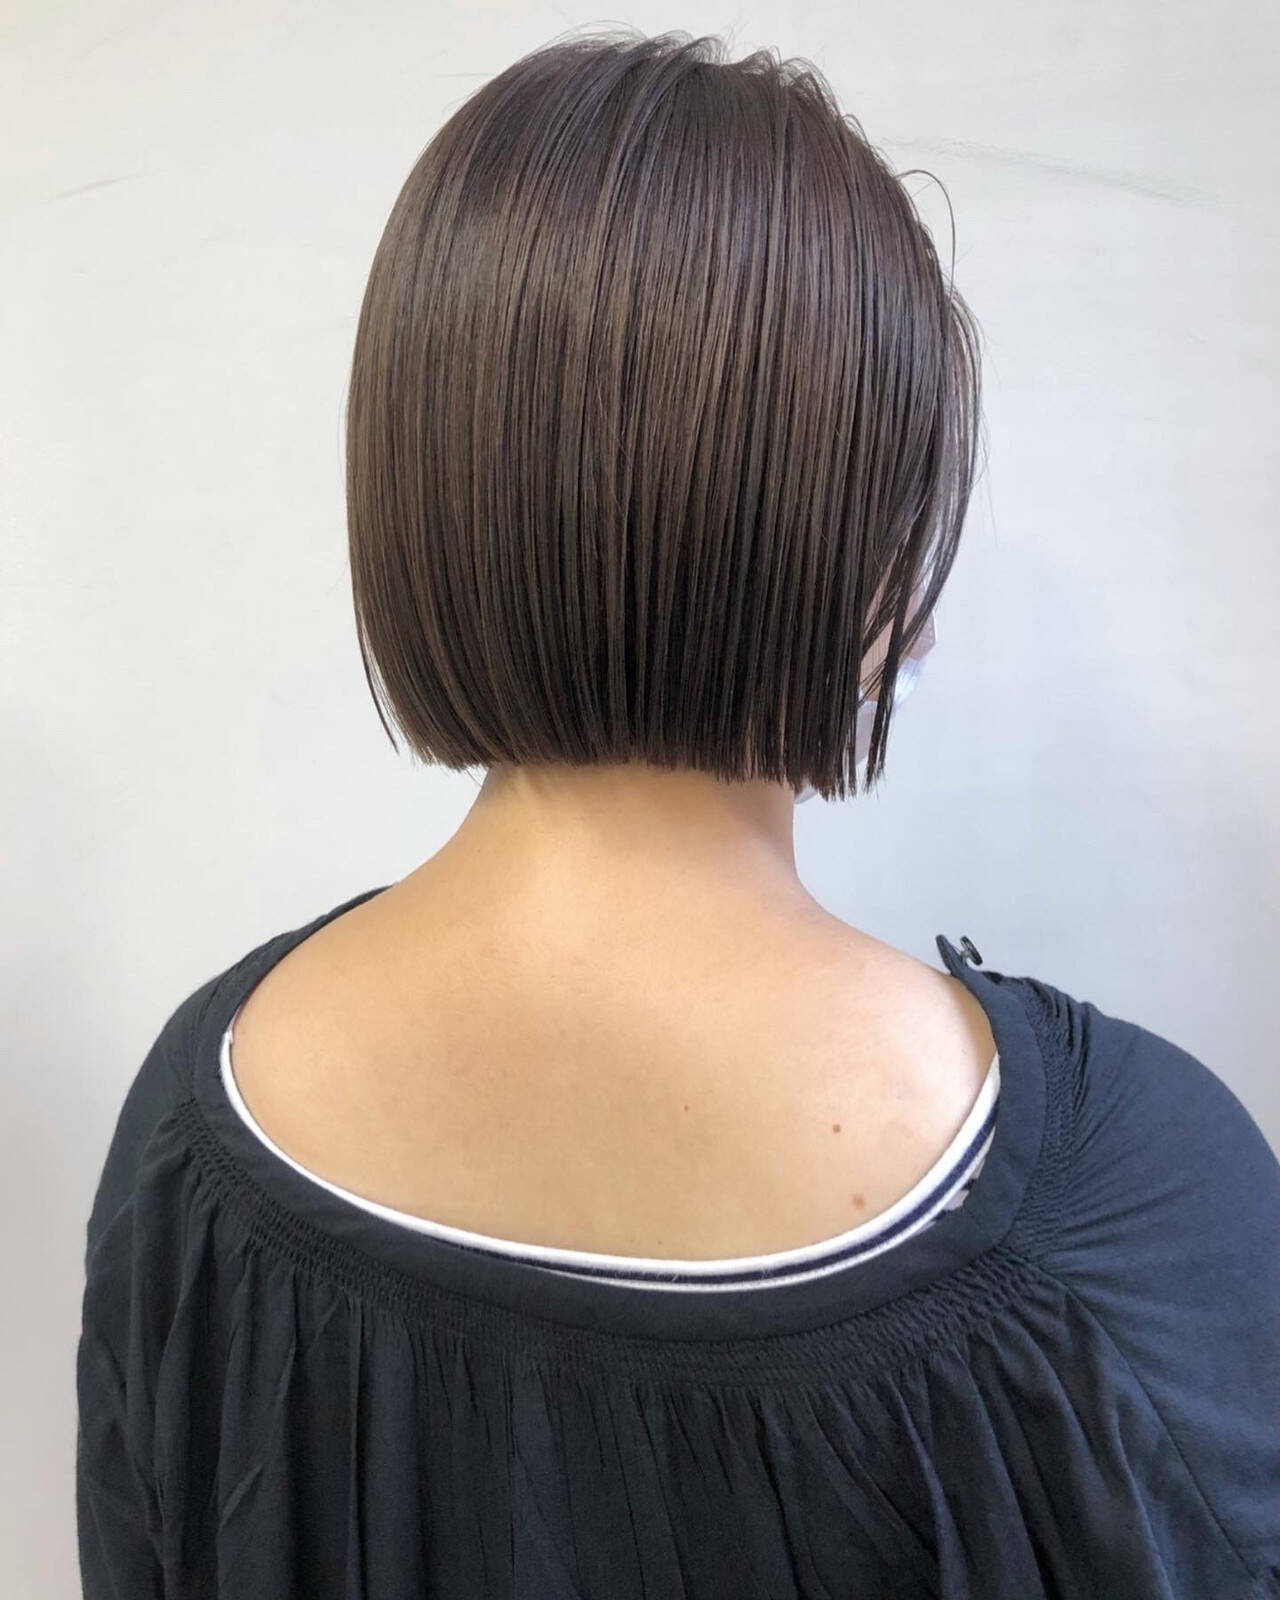 ボブ 切りっぱなしボブ ナチュラルベージュ 透明感カラーヘアスタイルや髪型の写真・画像